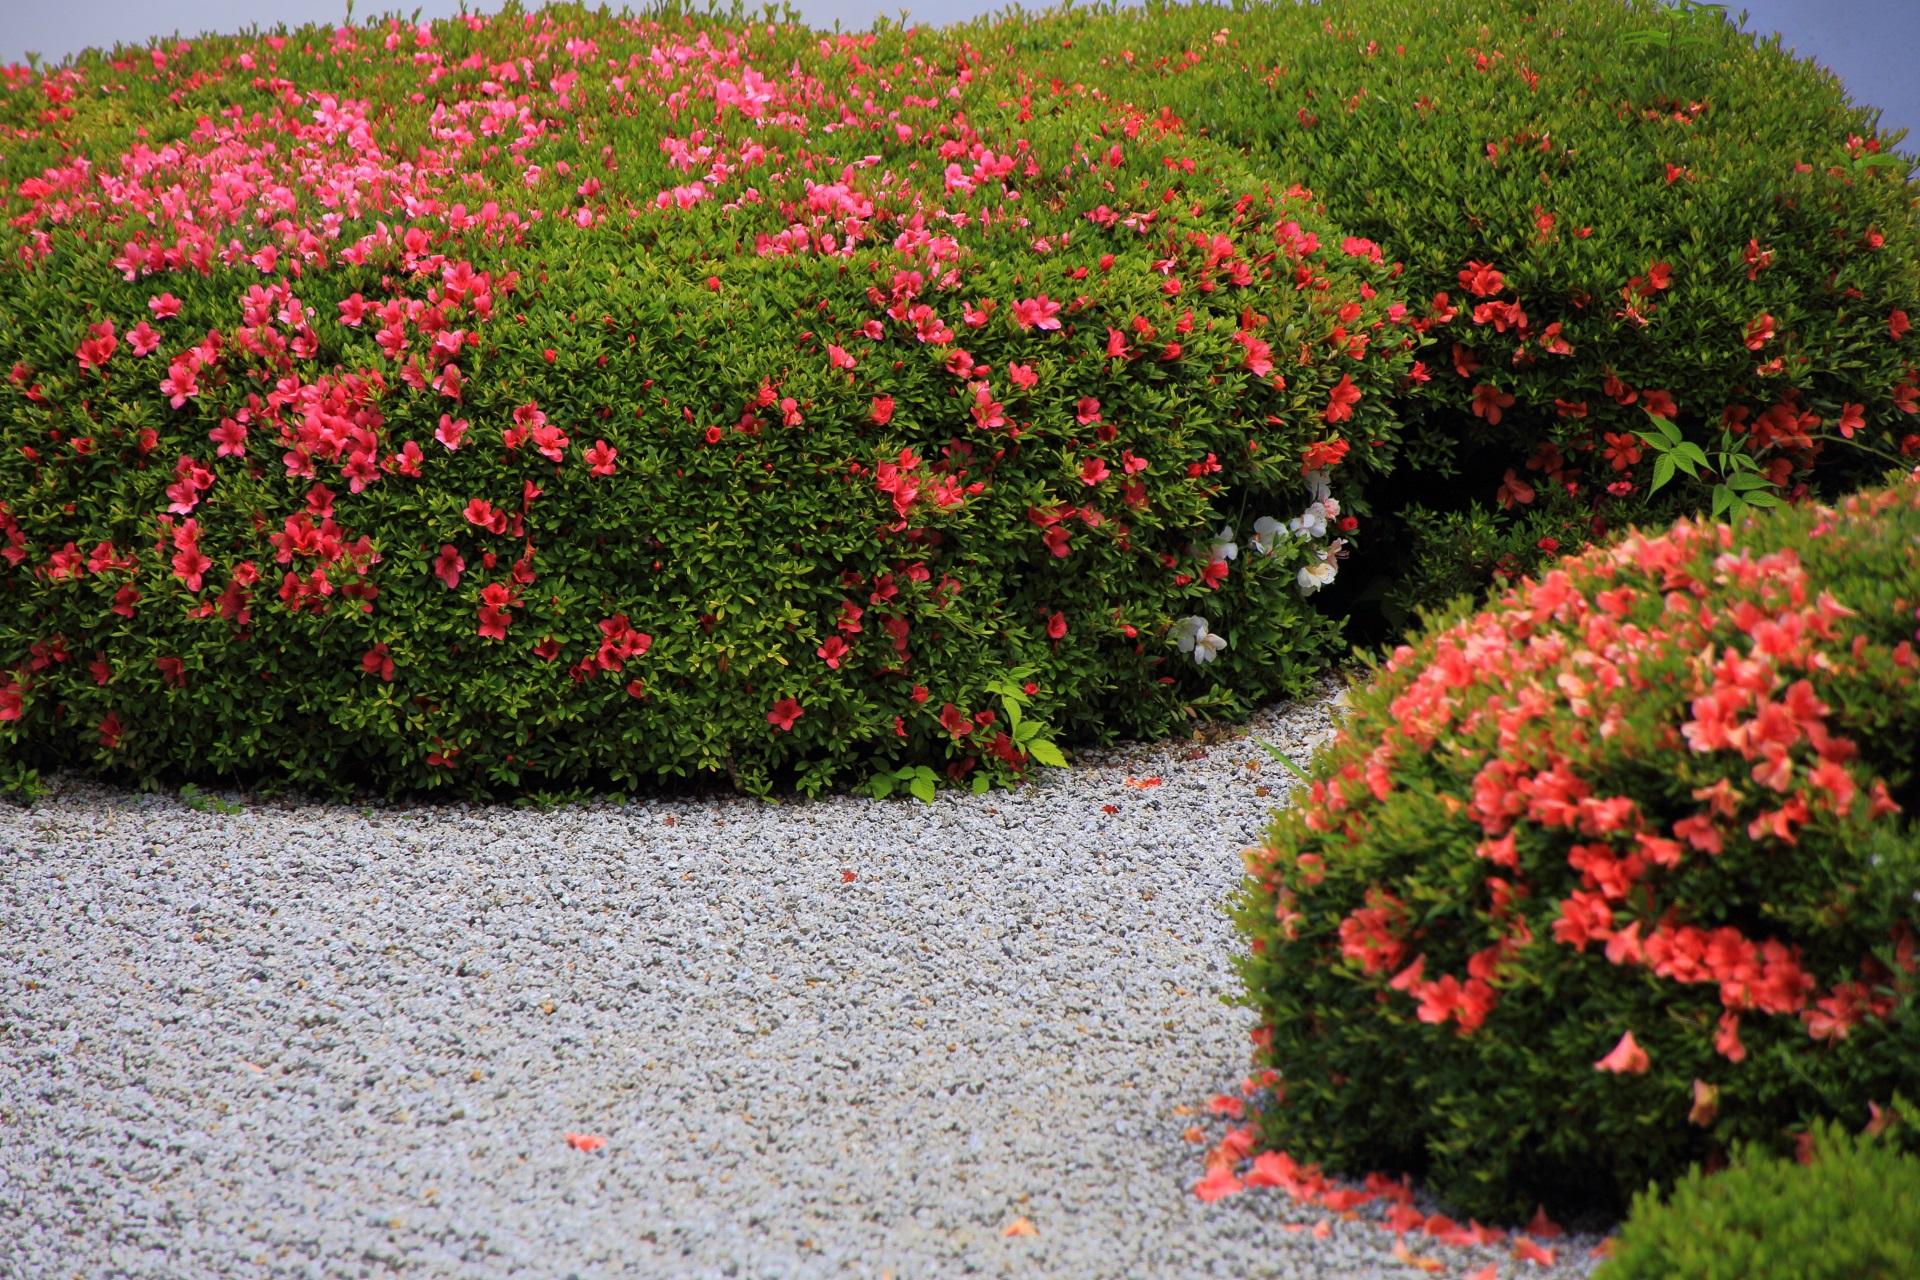 良く見るといろんな色の花がある正伝寺の皐月